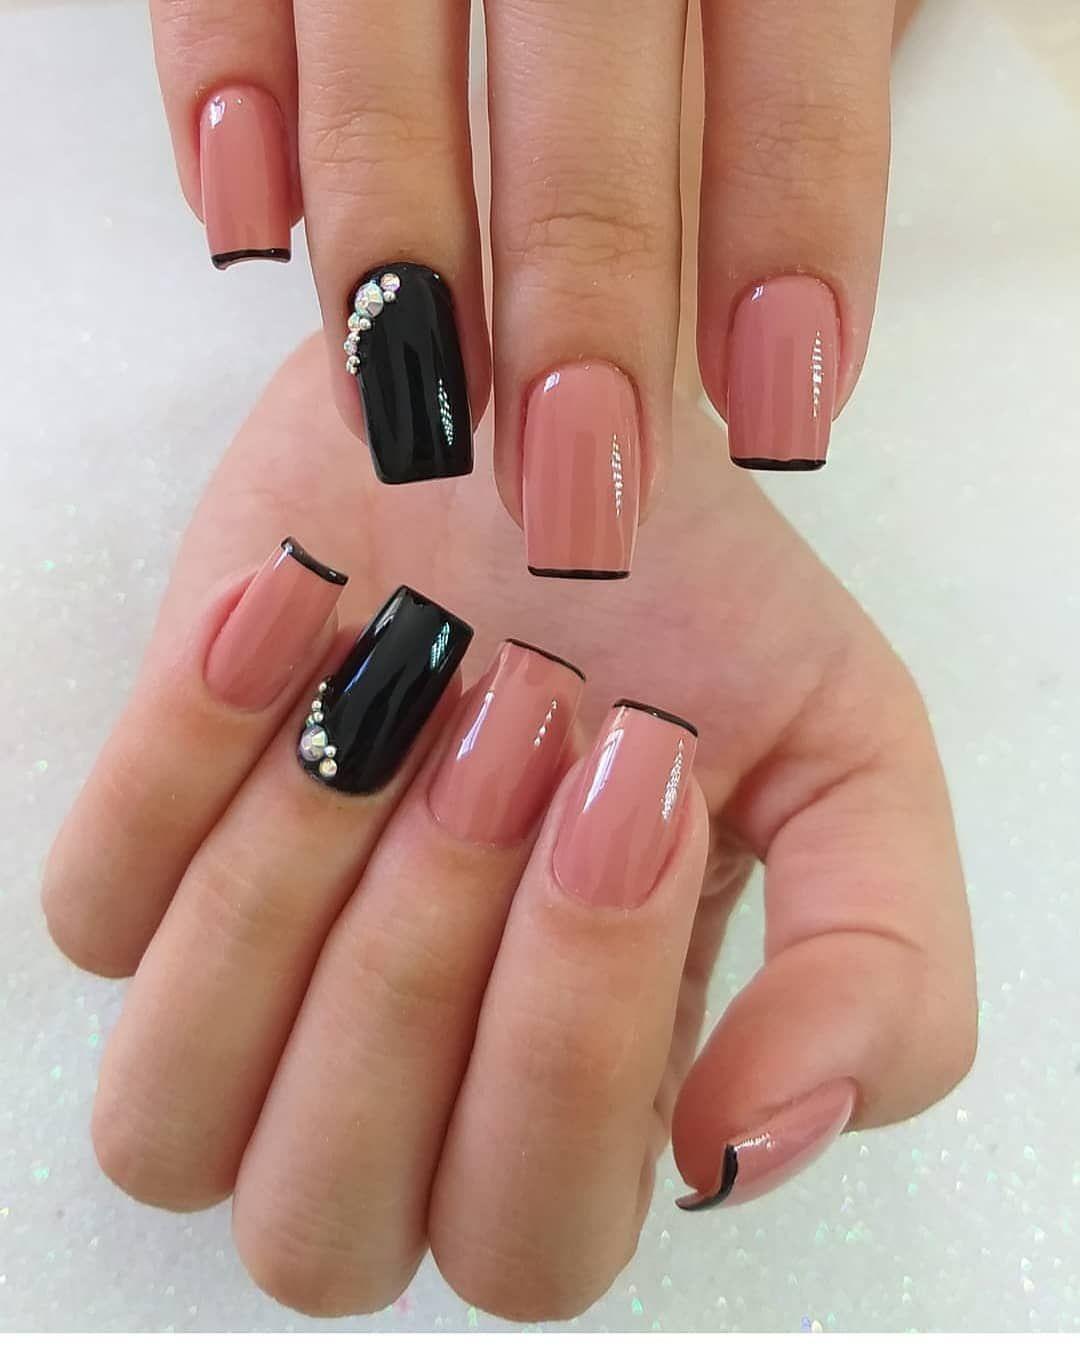 Nail Ritz Nail Nair Nail Art For Medium Nails Easy Nail Paint Art Easy Nail Paint My Nail Art New Easy Nail Art Designs Cool Simple Nail Art C